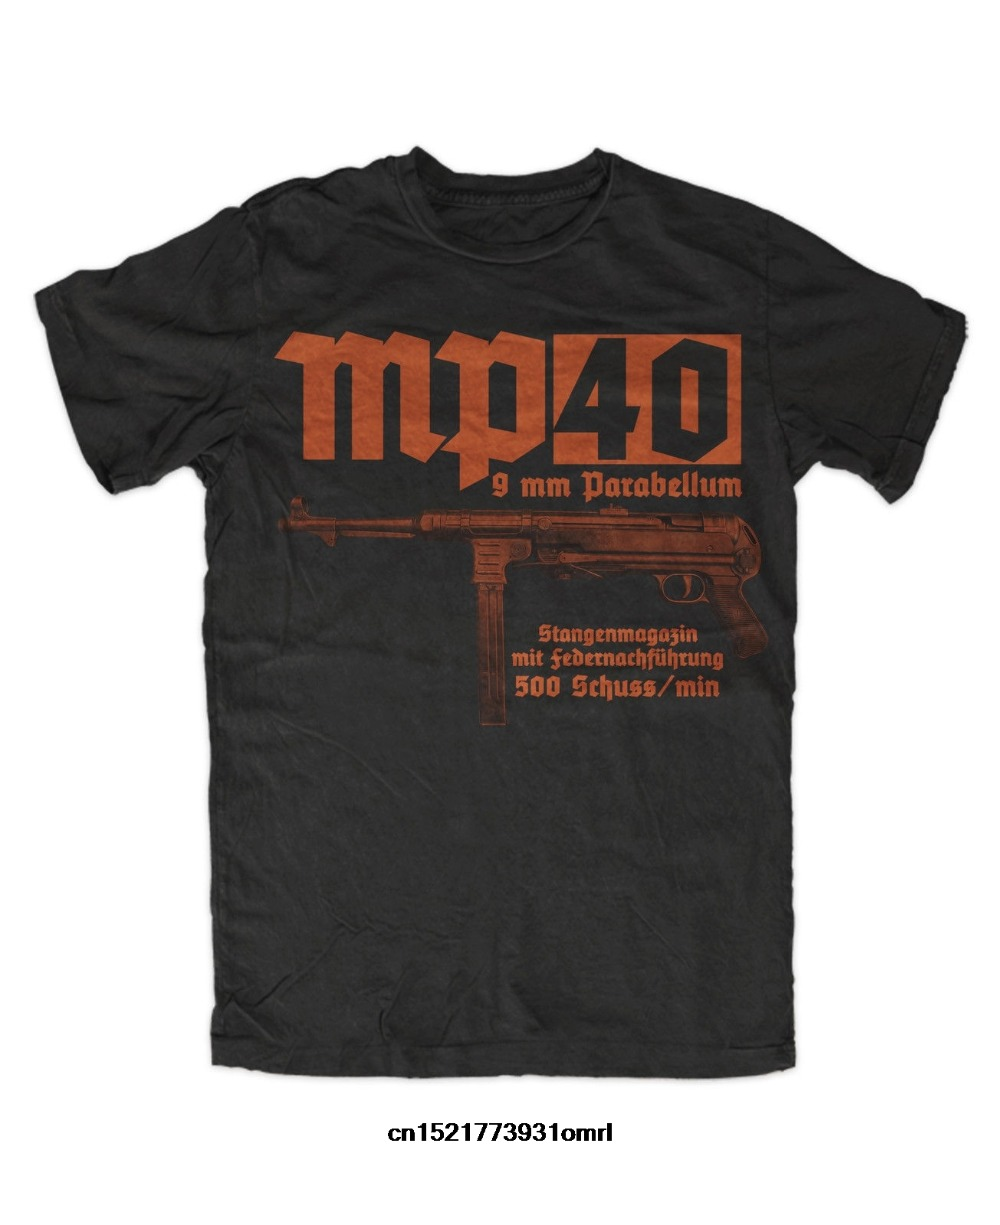 Ww2 Mp40 Submachine Gun Imprimir Camiseta Militar Alemão Landser Deutsches Personalizado T-Shirt 2019 Homens Da Moda Verão Camisa Ocasional T